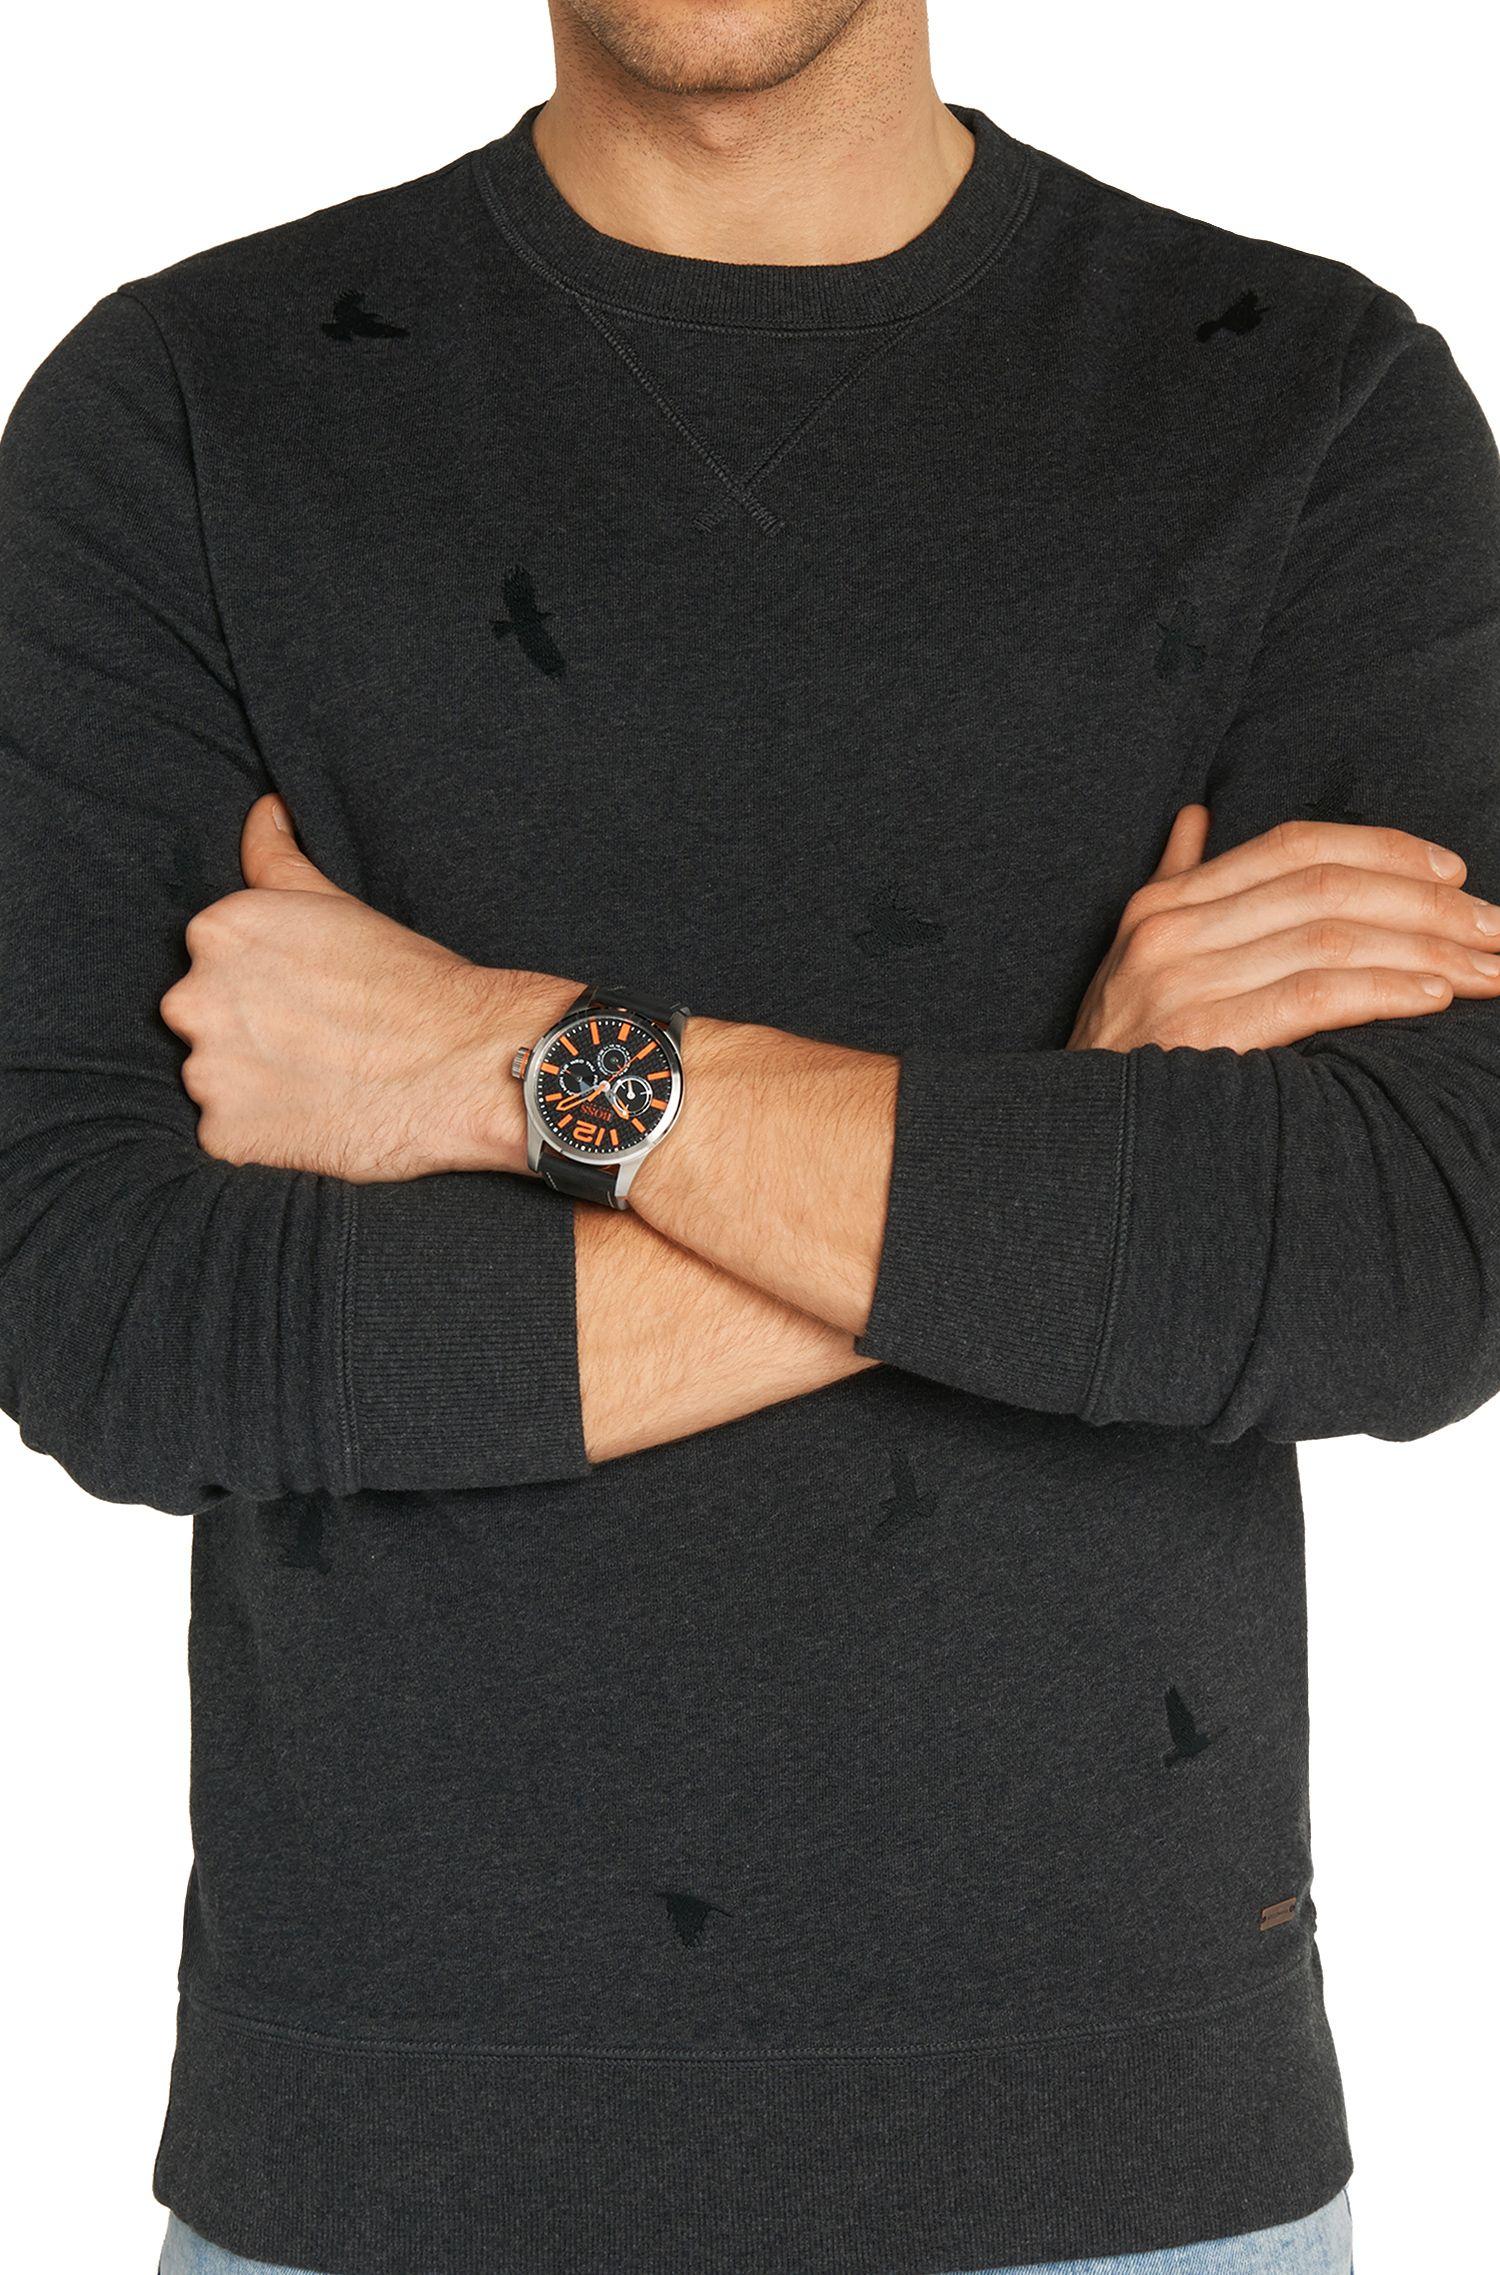 Armbanduhr mit Lederarmband: 'HO7020'